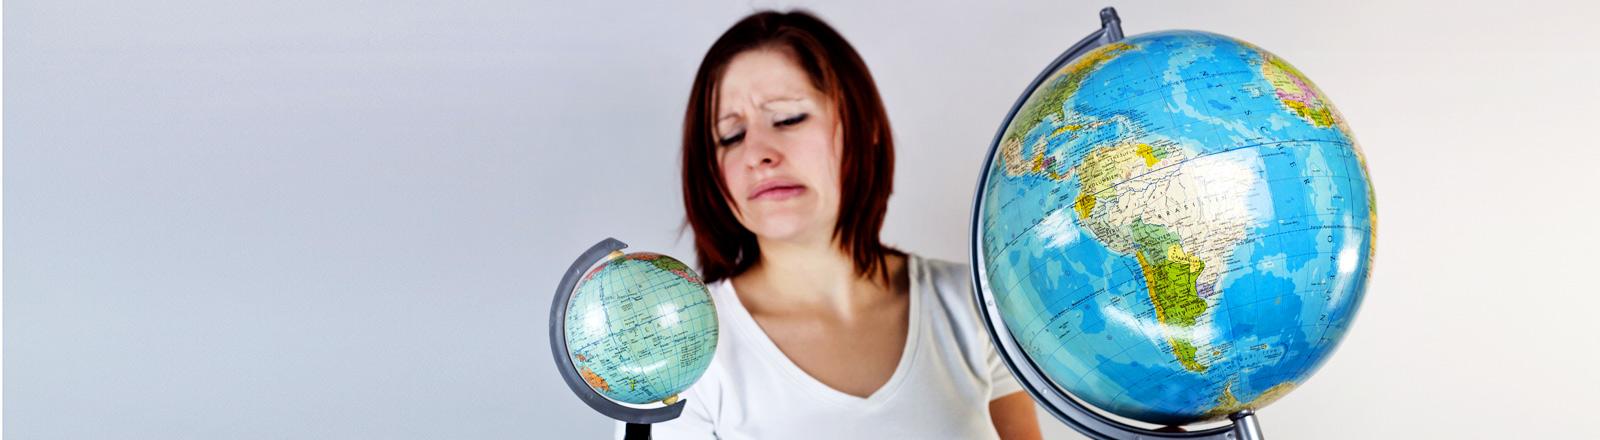 Eine Frau schaut angewidert auf zwei Globen.